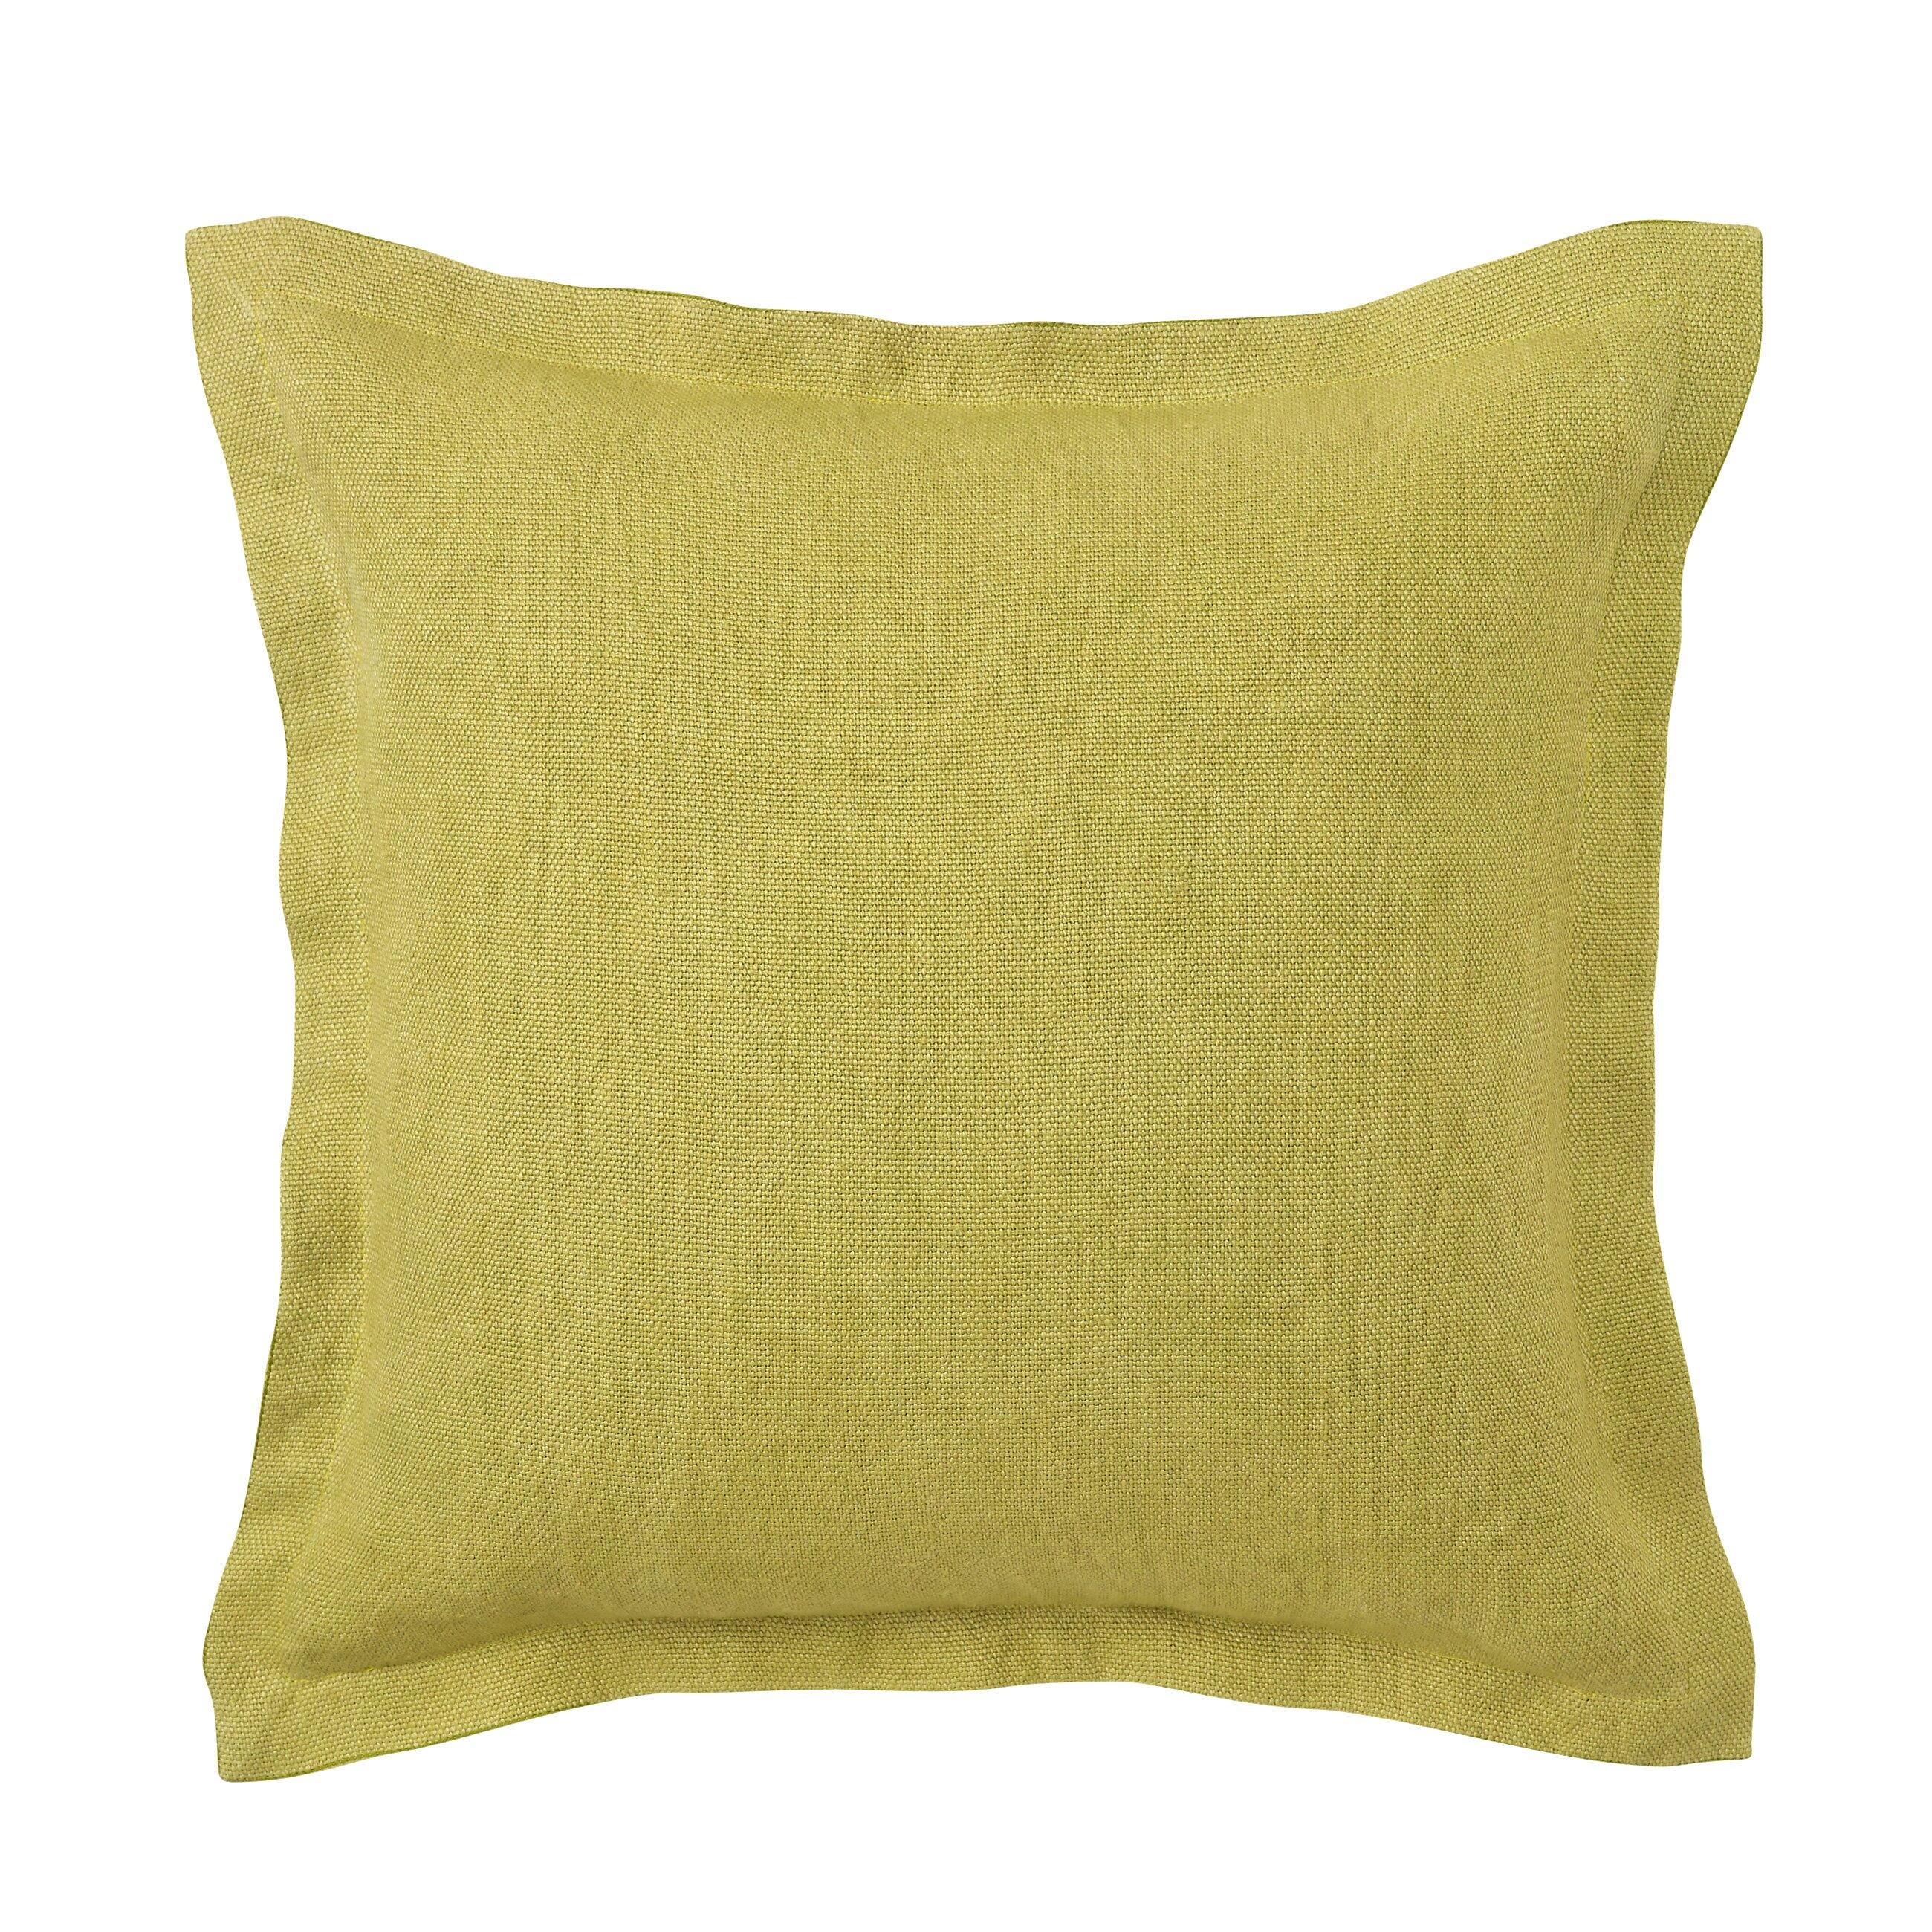 Company C Parasol Linen Throw Pillow & Reviews Wayfair.ca